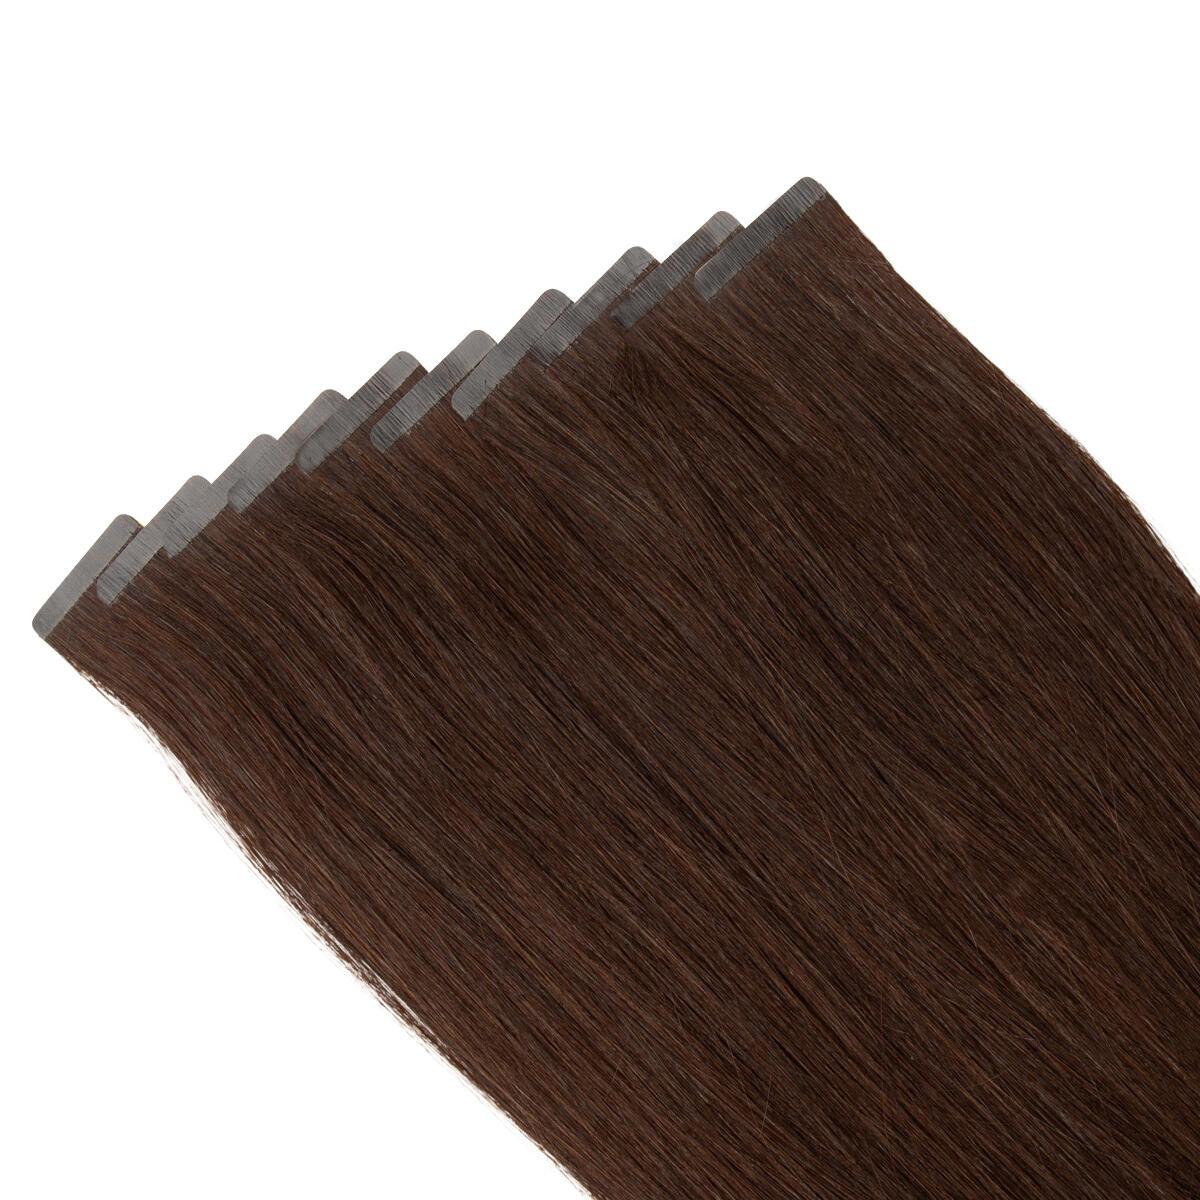 Rapunzel Sleek Tape Extension 2.2 Coffee Brown 25 cm